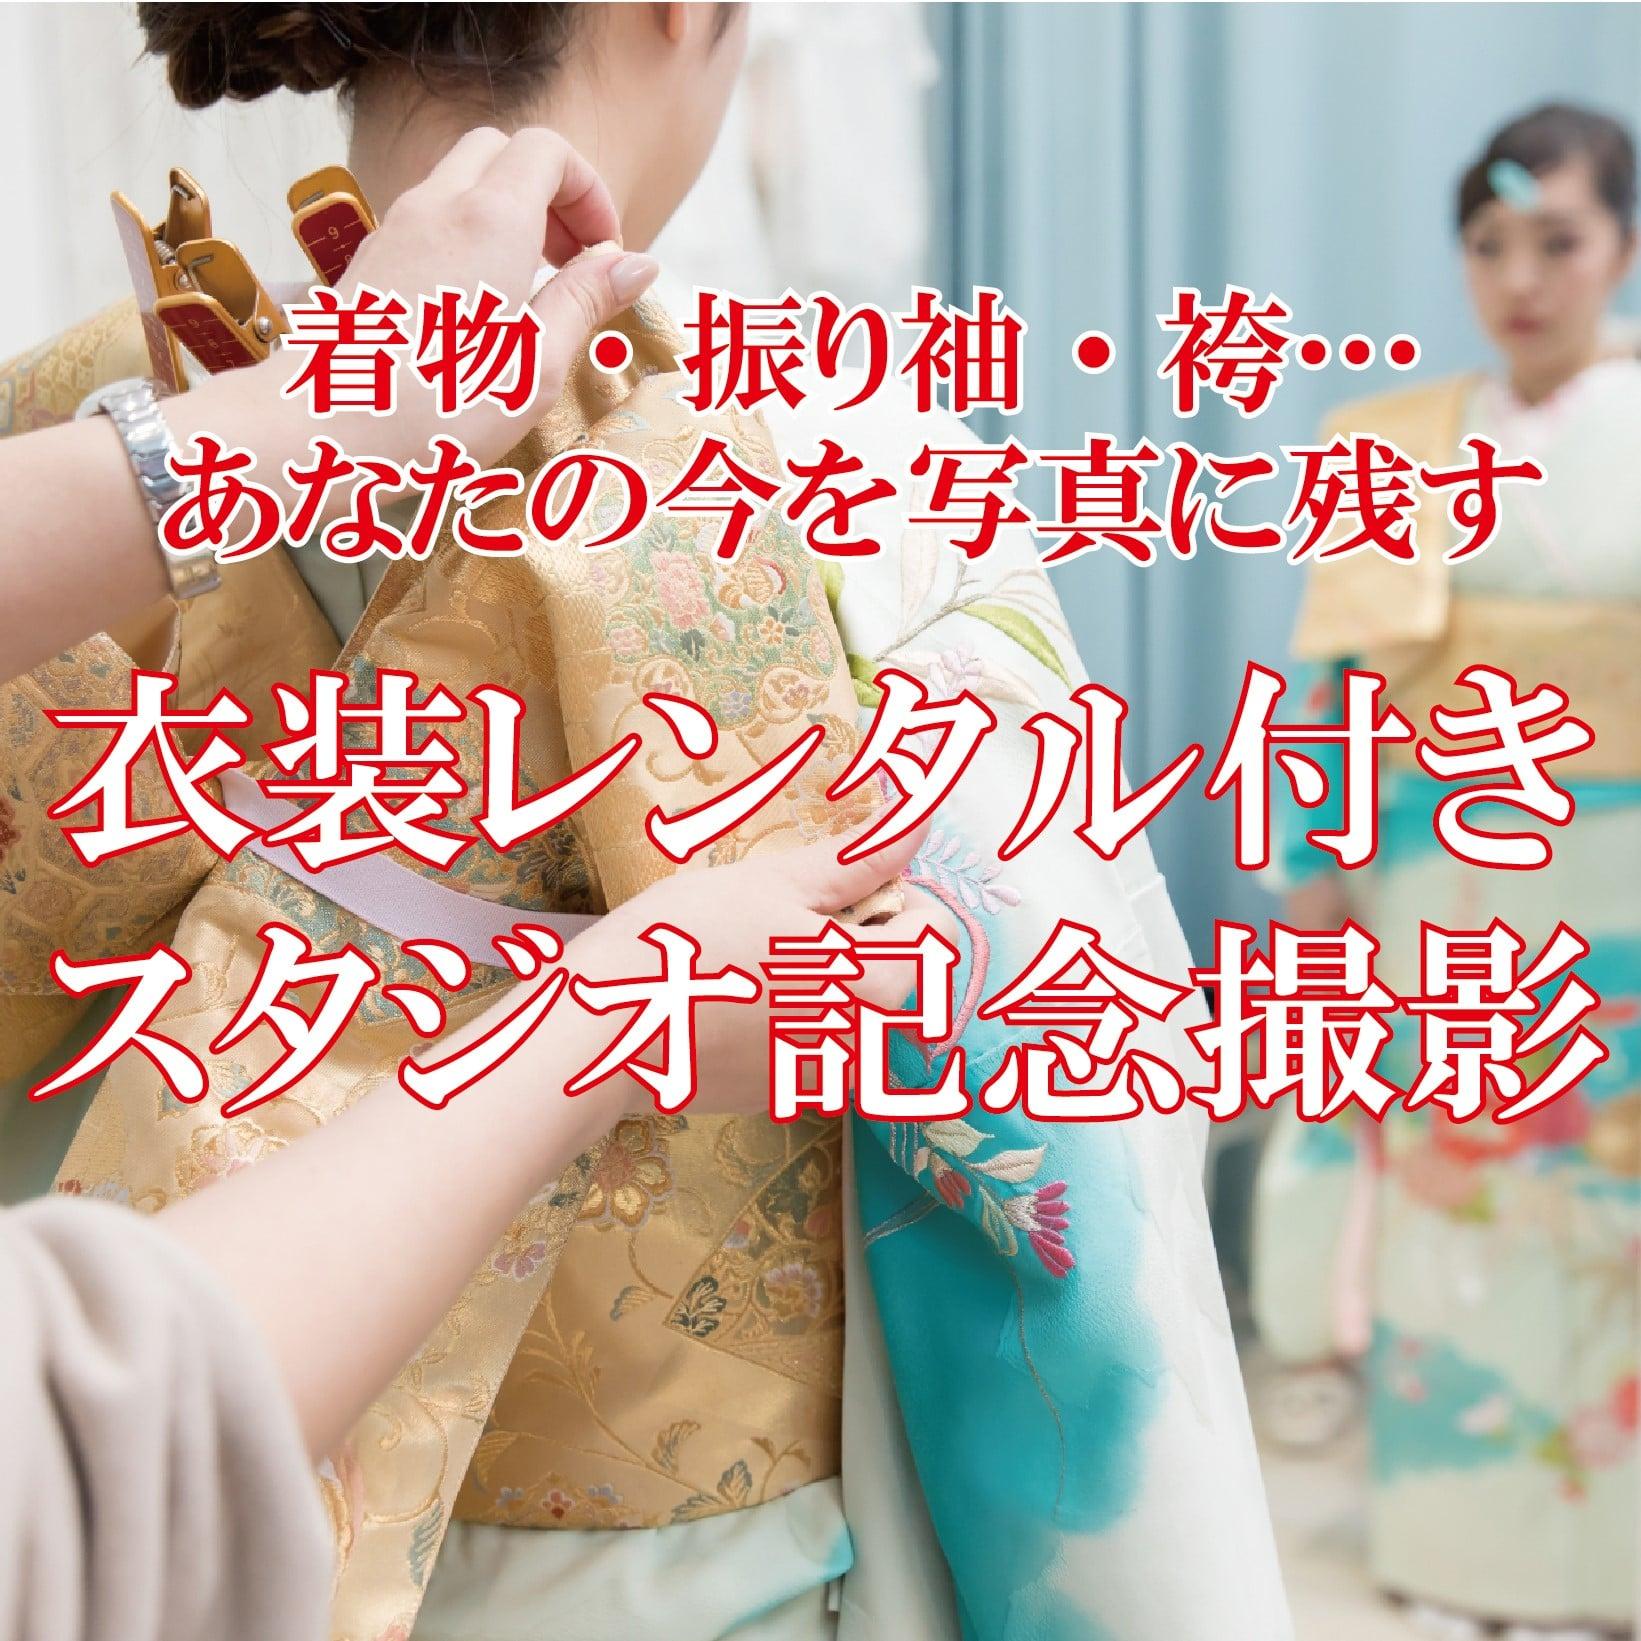 衣装レンタル付きスタジオ撮影チケット 着物・袴・振り袖etc...のイメージその1